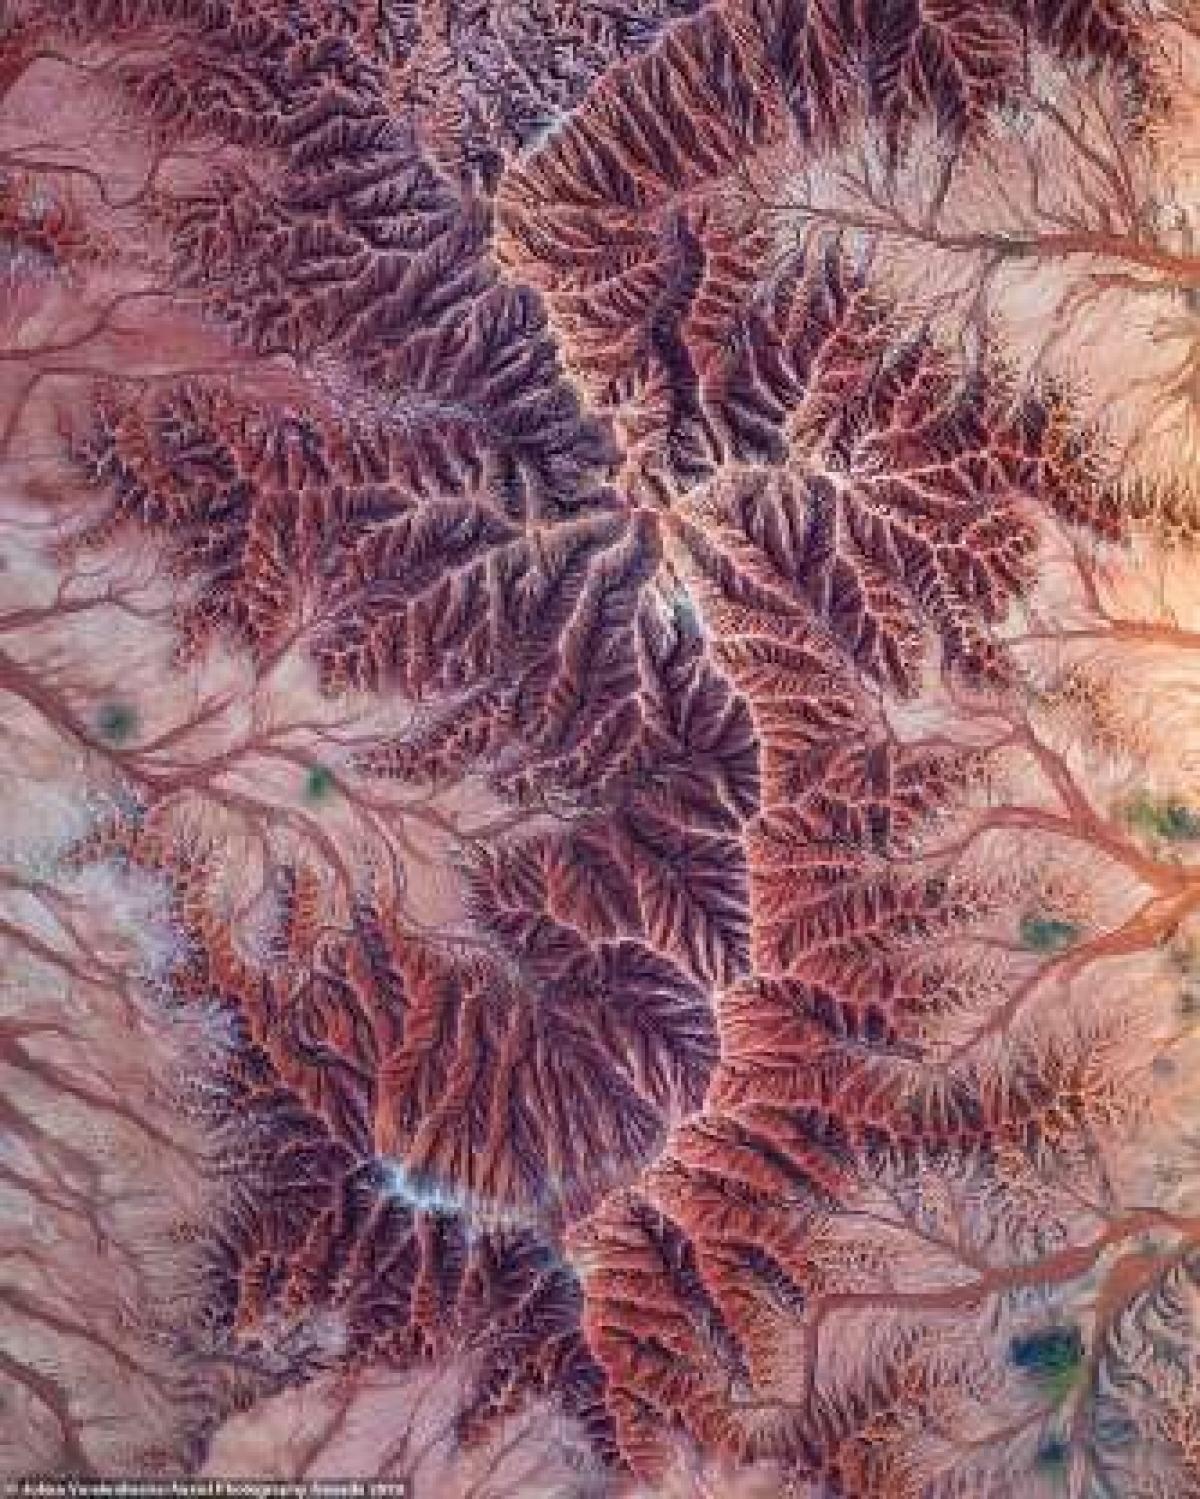 Bức ảnh sự hình thành đá ở sa mạc Tatacoa tại Colombia của nhiếp ảnh gia người Bỉ Johan Vandenhecke.